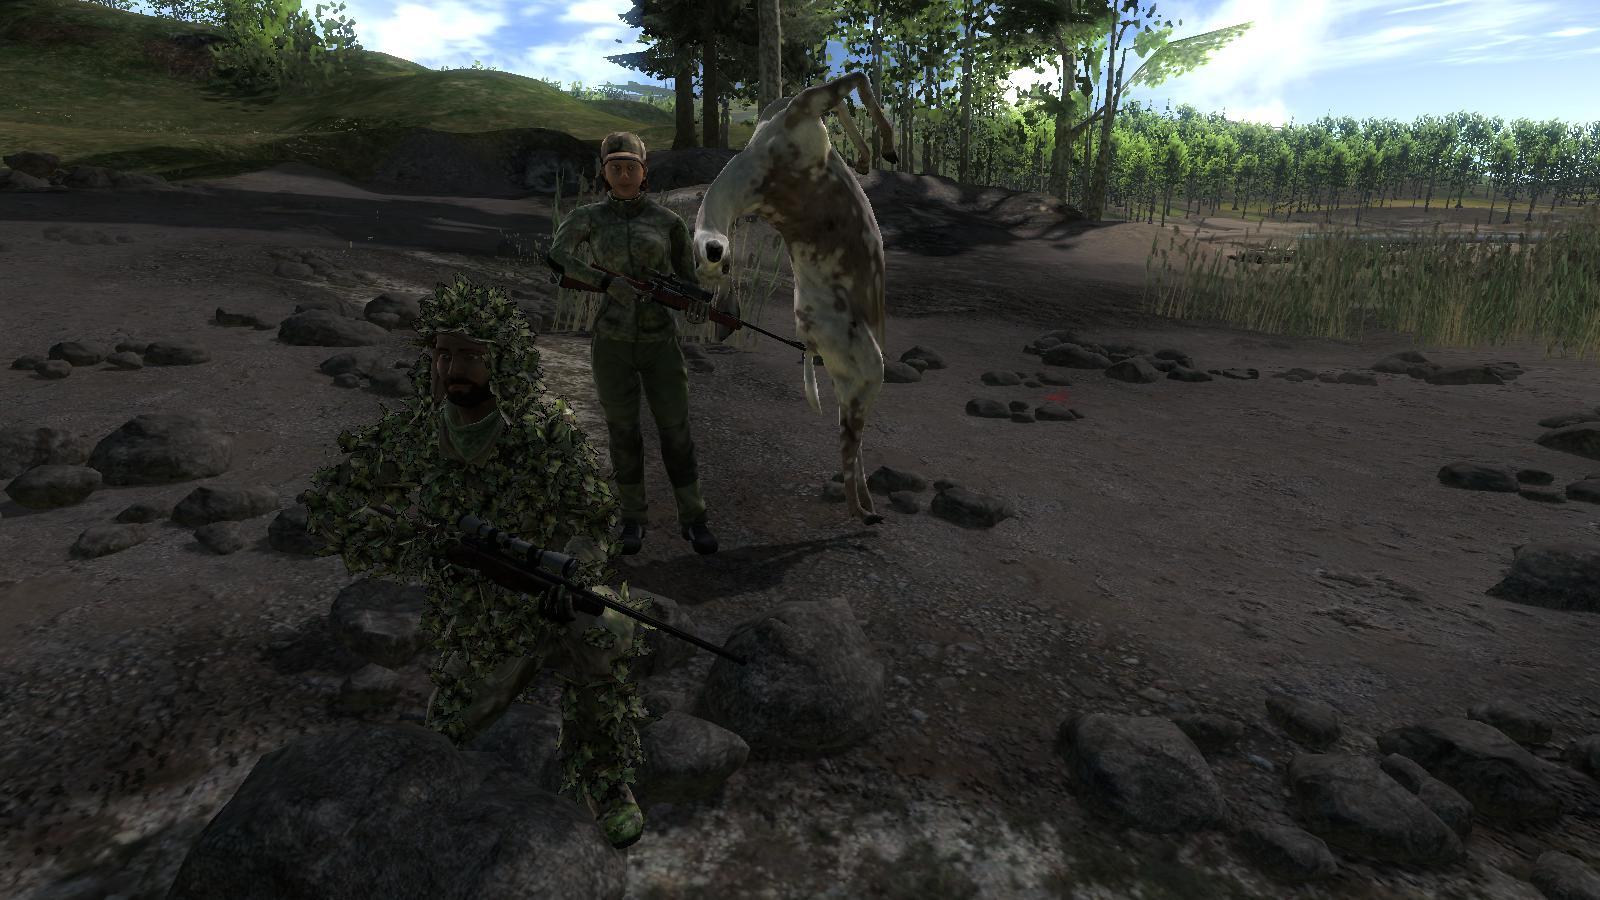 Fotografie in multiplayer con i Nostri AMICI - Pagina 4 Ee014c7354145a4845ae17e9d93e412e7a4278a1